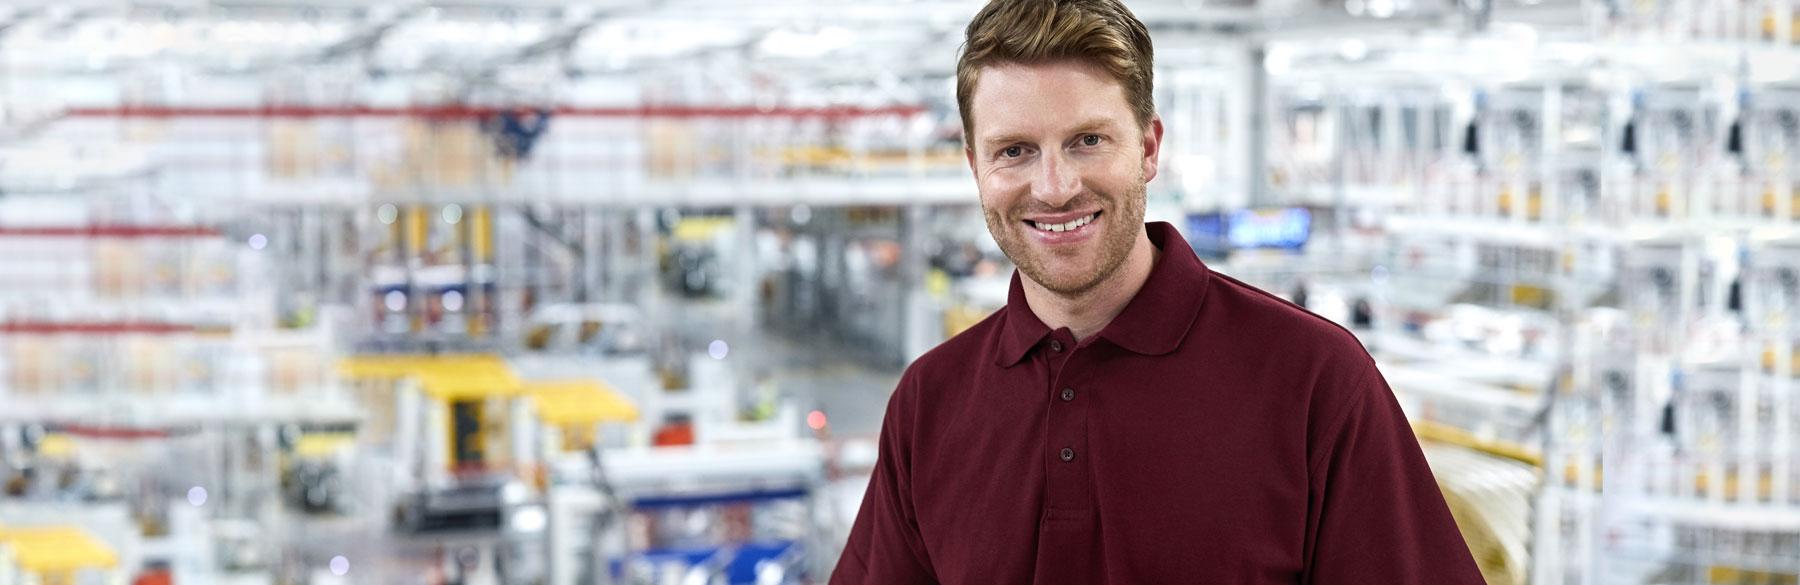 Lächelnder Mann in einer Industriehalle